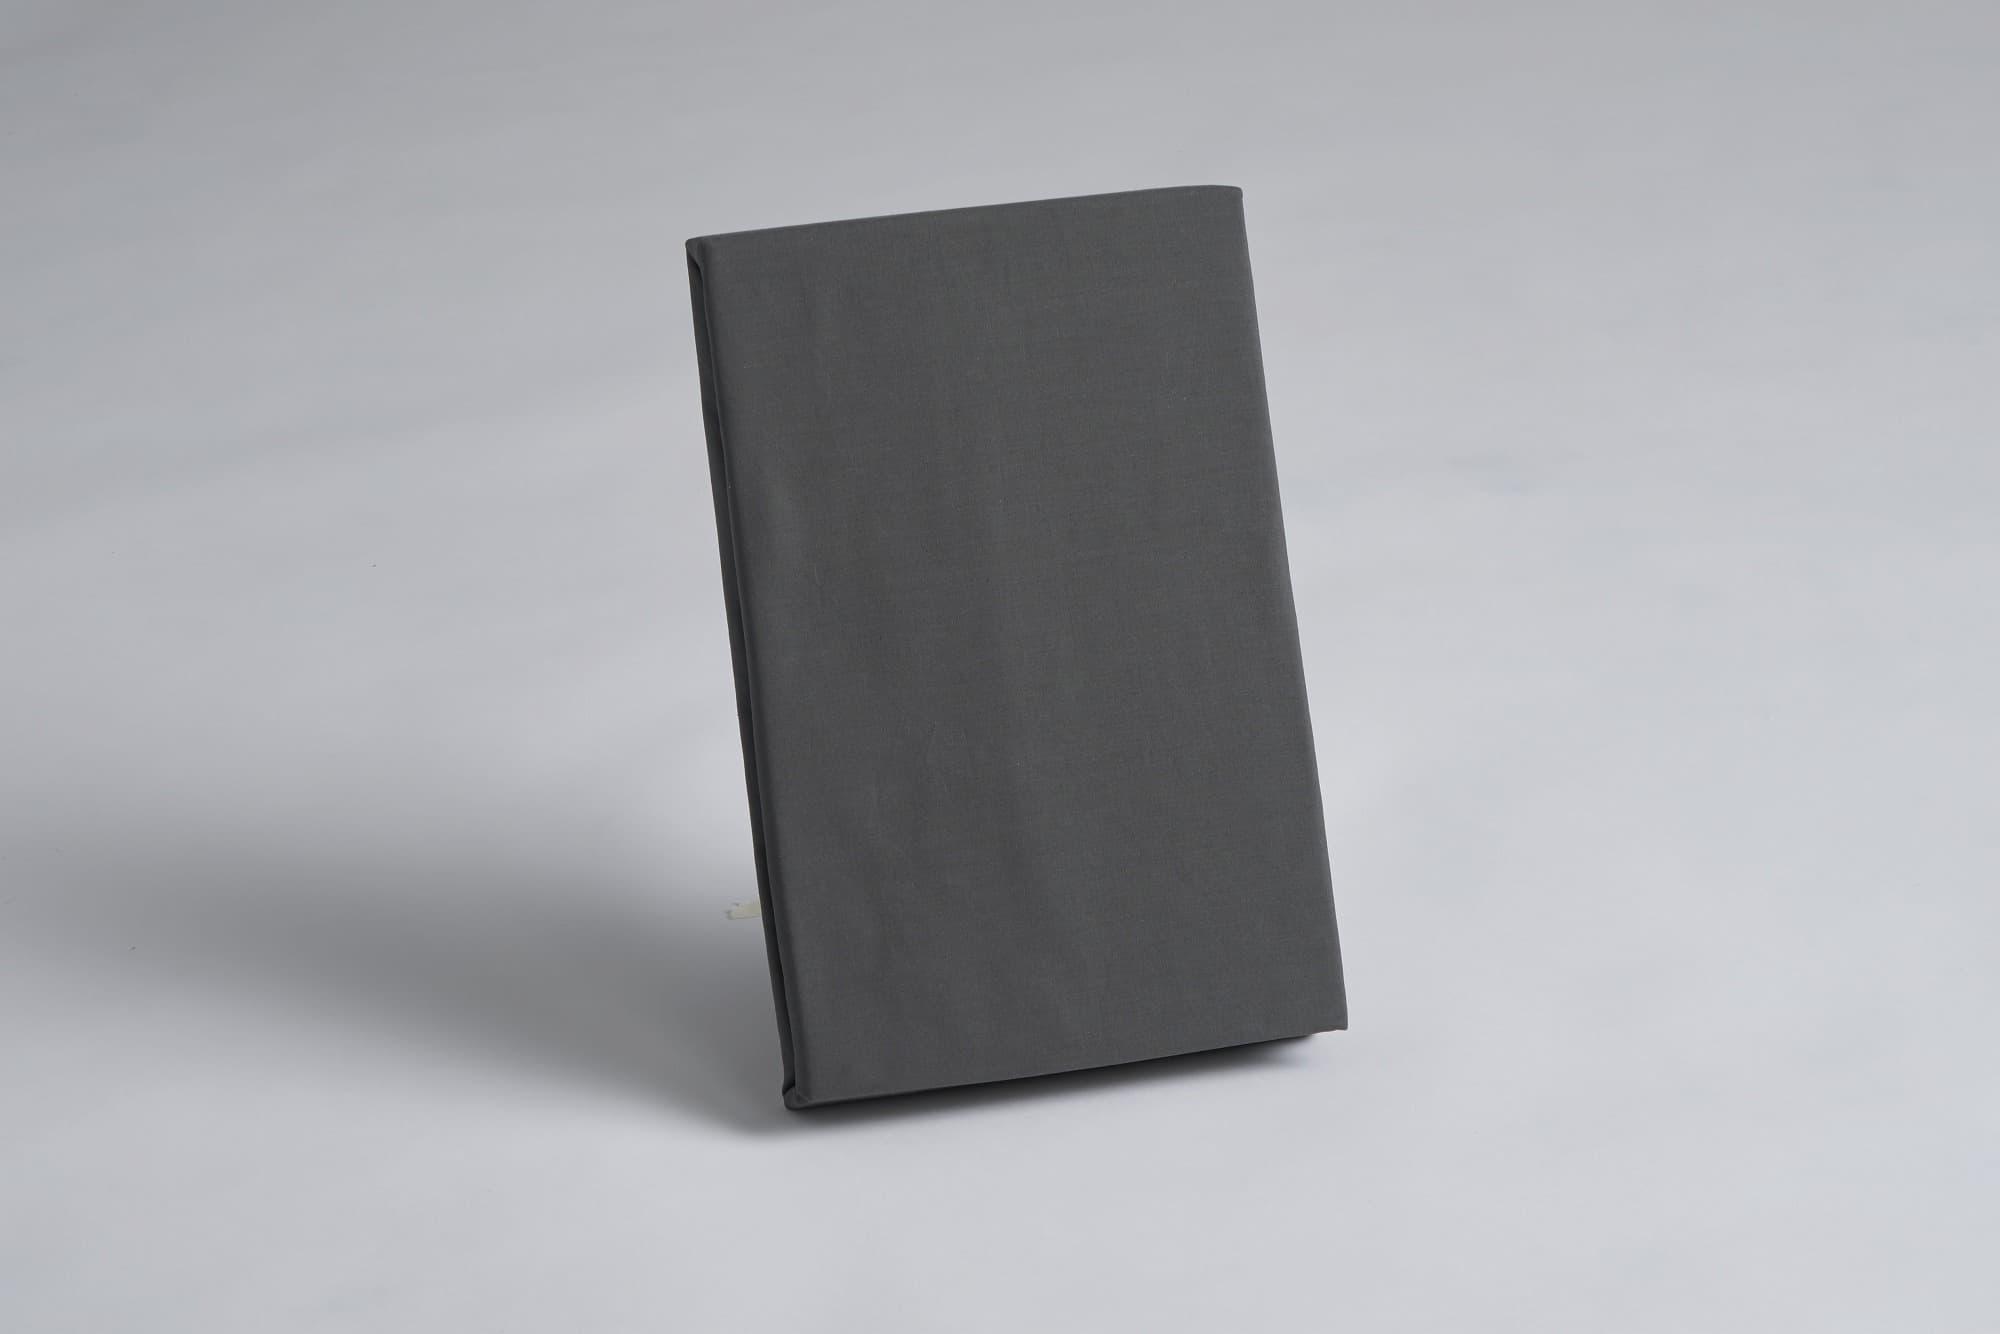 ボックスシーツ ダブル用 36H グレー:《綿100%を使用したボックスシーツ》